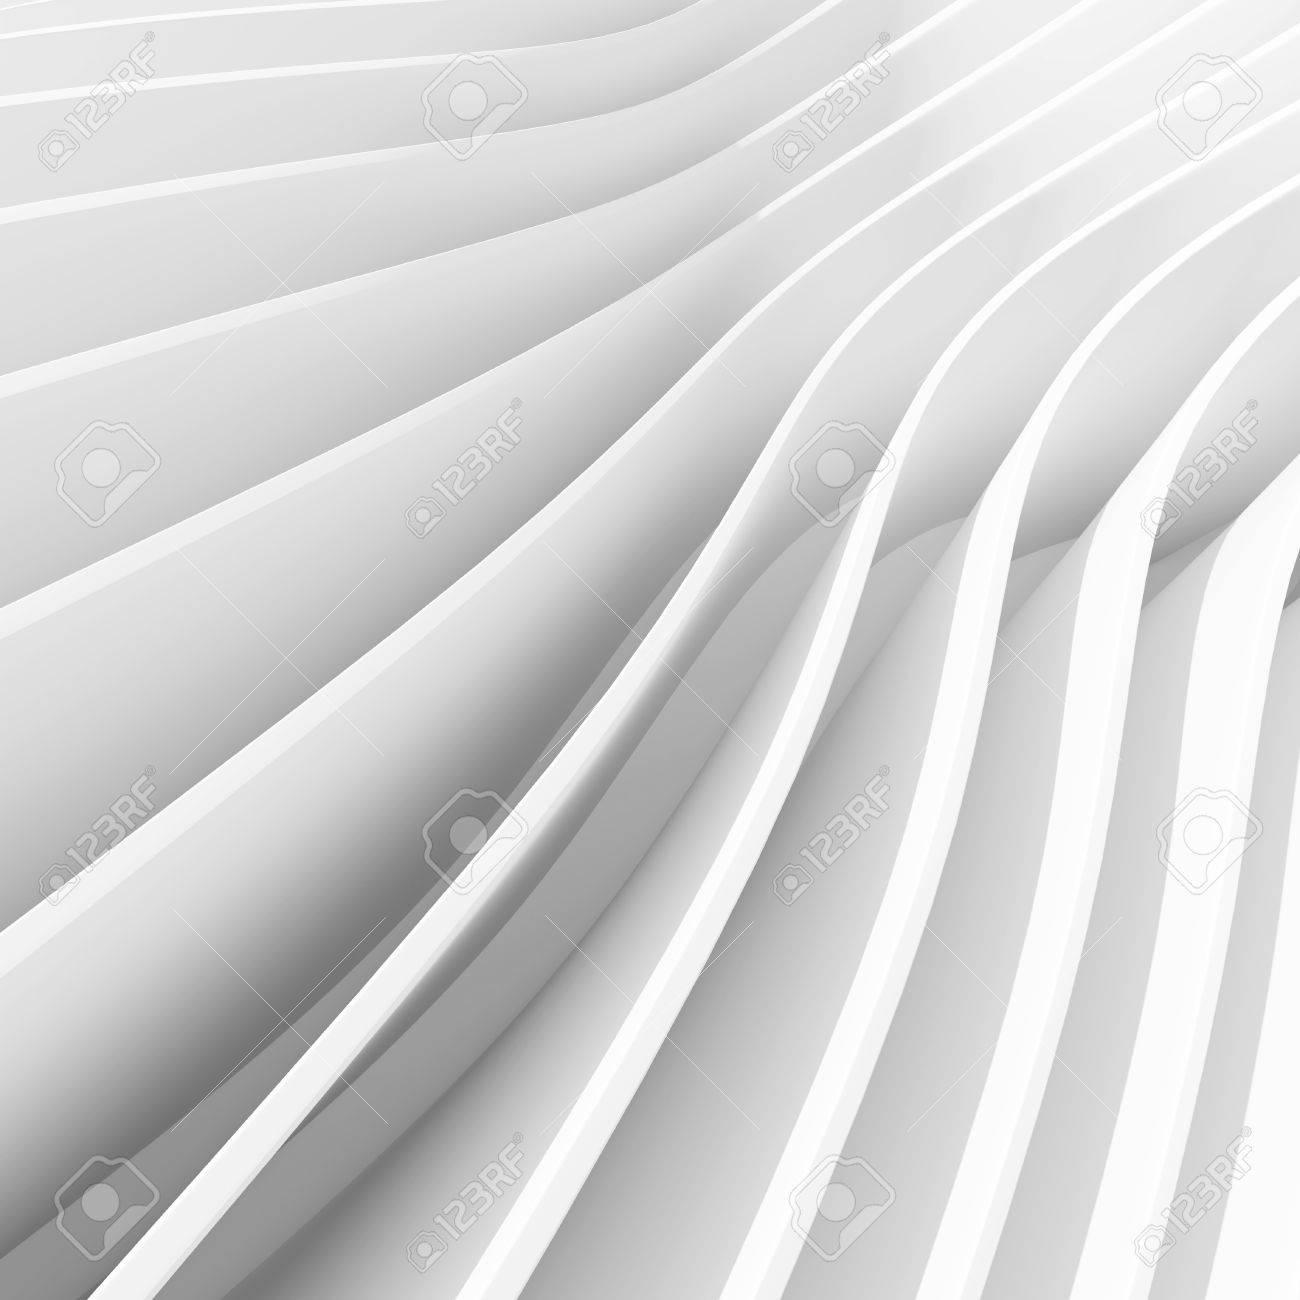 Abstrait Arriere Plan Blanc Vague Wallpaper Rendu 3d Image De Minimal Design Banque D Images Et Photos Libres De Droits Image 70851203